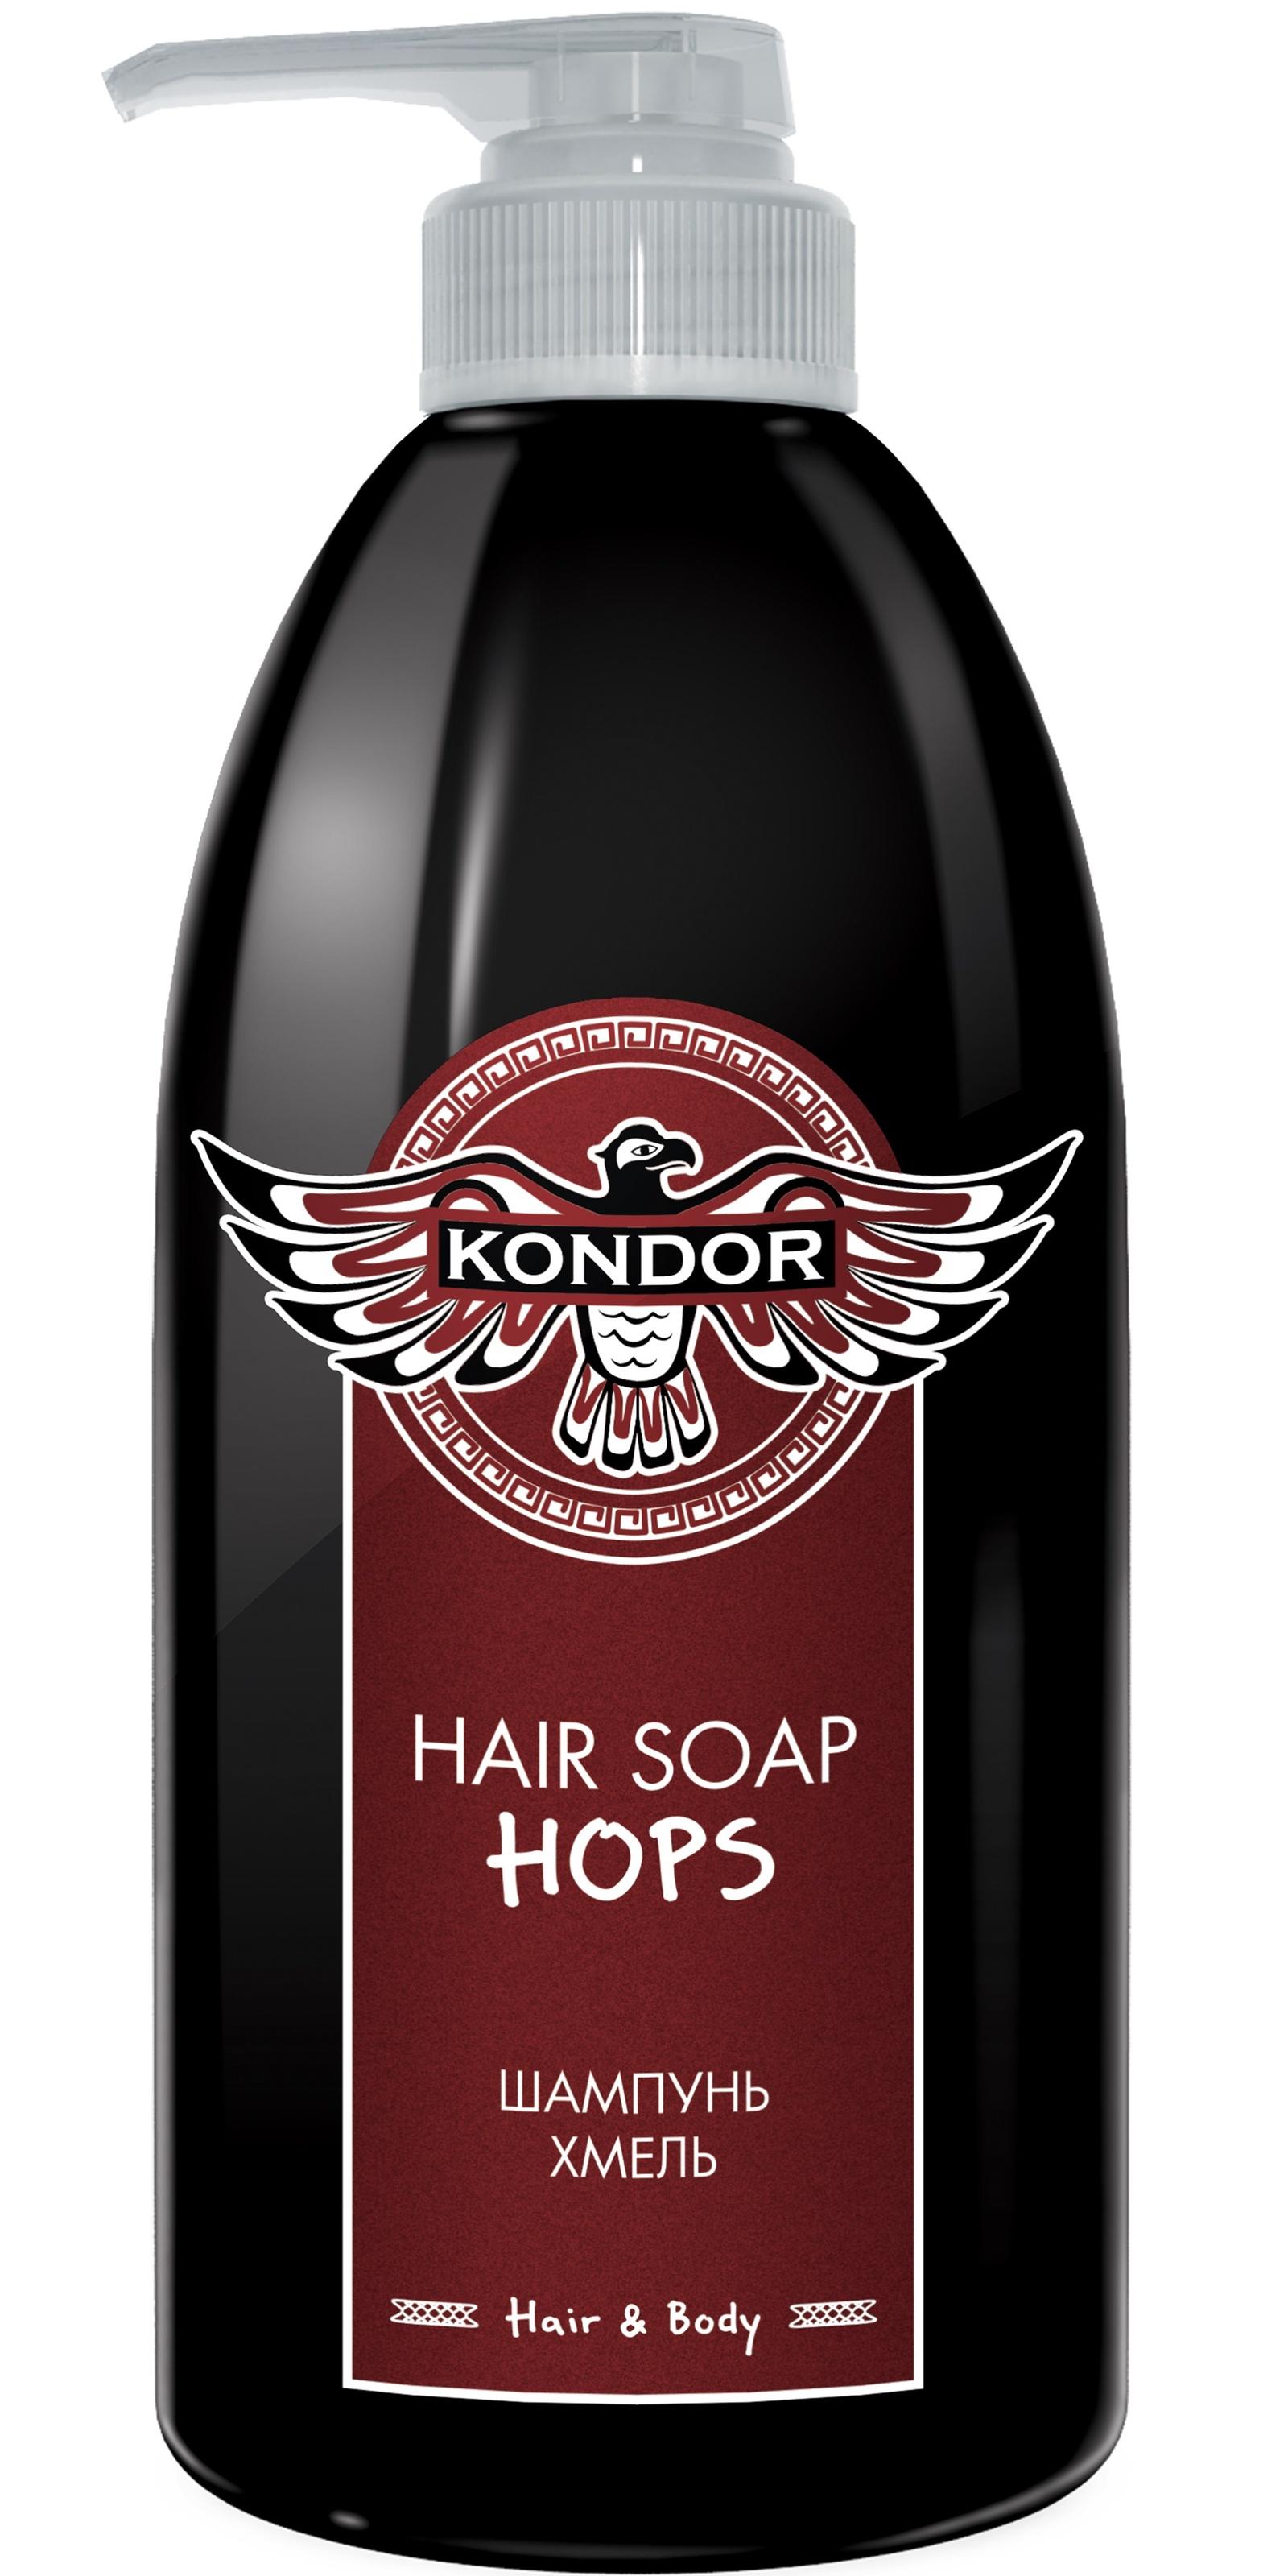 """Шампунь для волос KONDOR HAIR - BODY для очищения волос """"Хмель"""" 750 мл"""